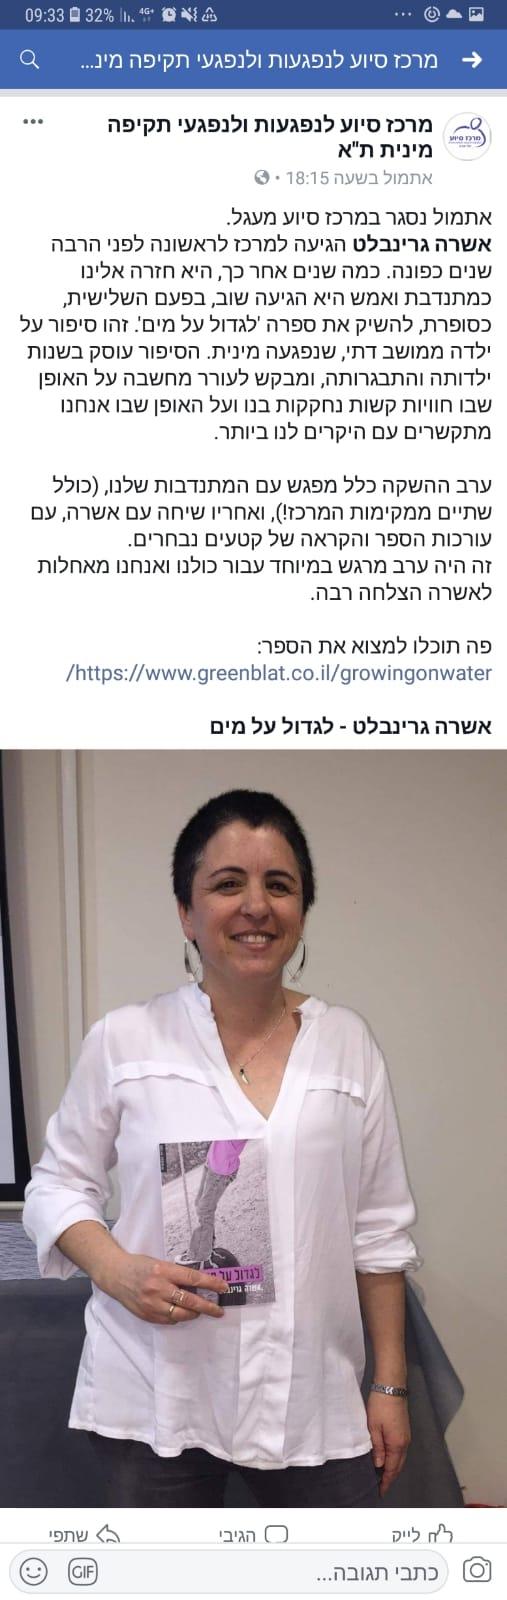 לגדול על מים -השקה - מתוך עמוד הפייסבוק של המרכז סיוע לנפגעות תקיפה מינית בתל אביב